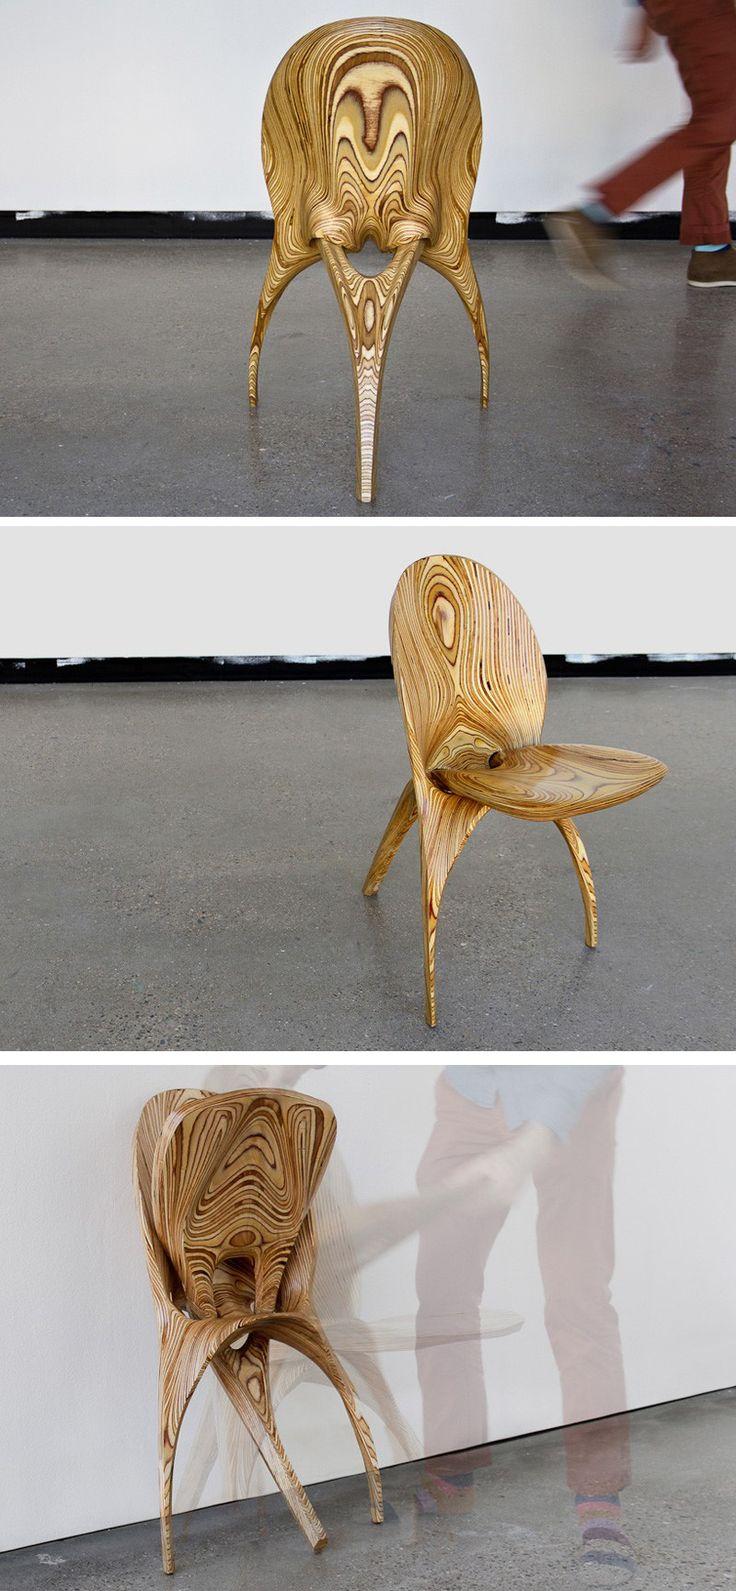 Architecture and design studio KALO have designed Stratum, a wooden ...